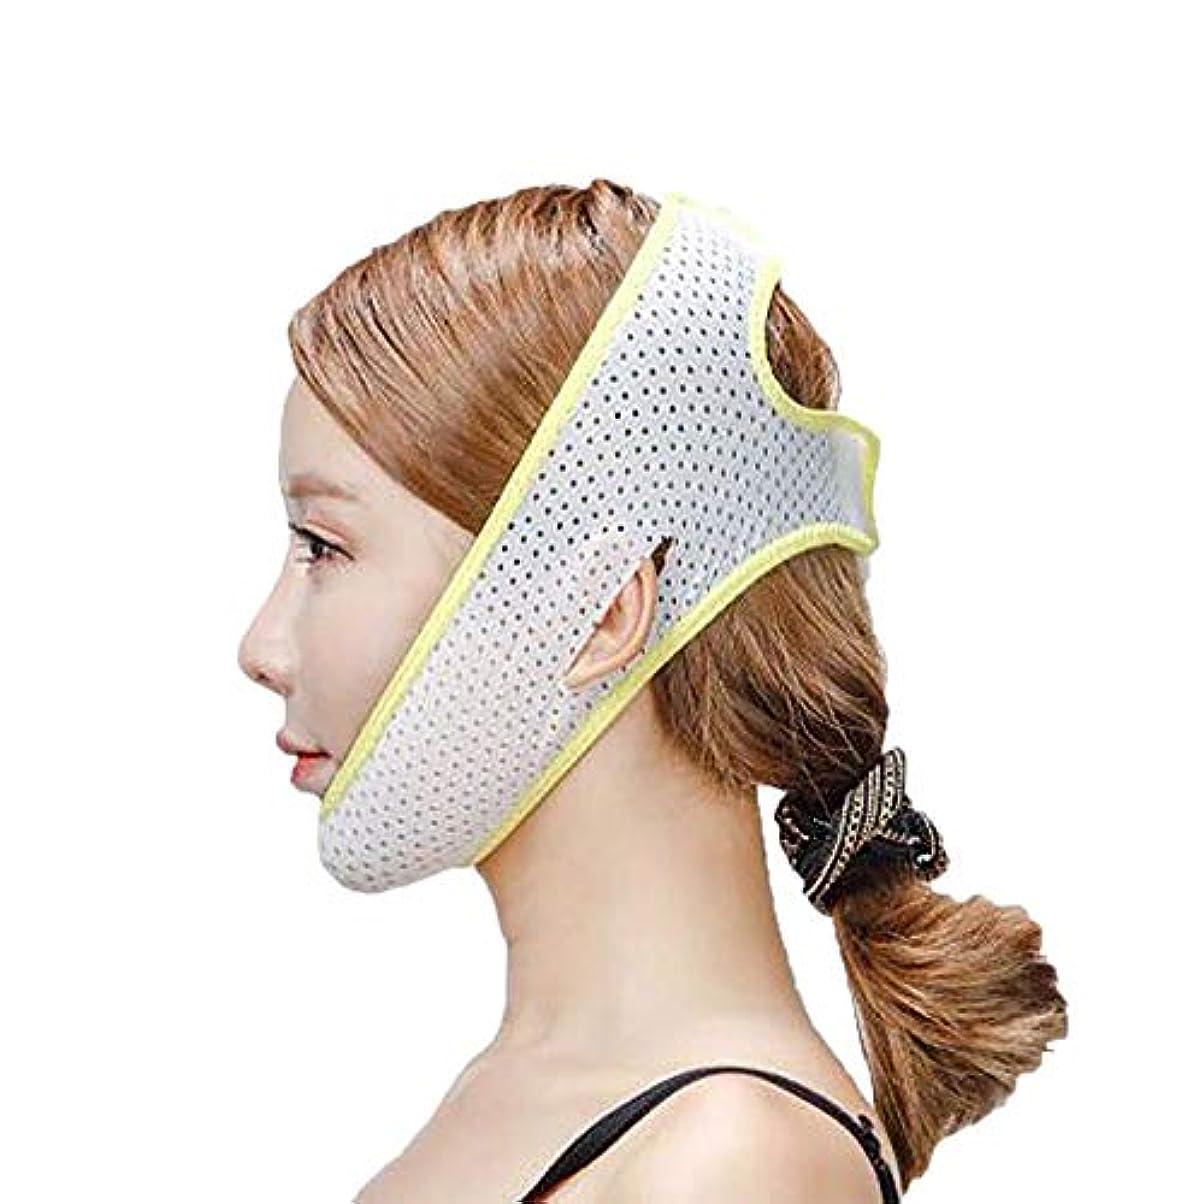 精緻化九月火フェイスリフトマスク、ダブルチンストラップ、フェイシャル減量マスク、フェイシャルダブルチンケアスリミングマスク、リンクルマスク(フリーサイズ) (Color : Yellow)